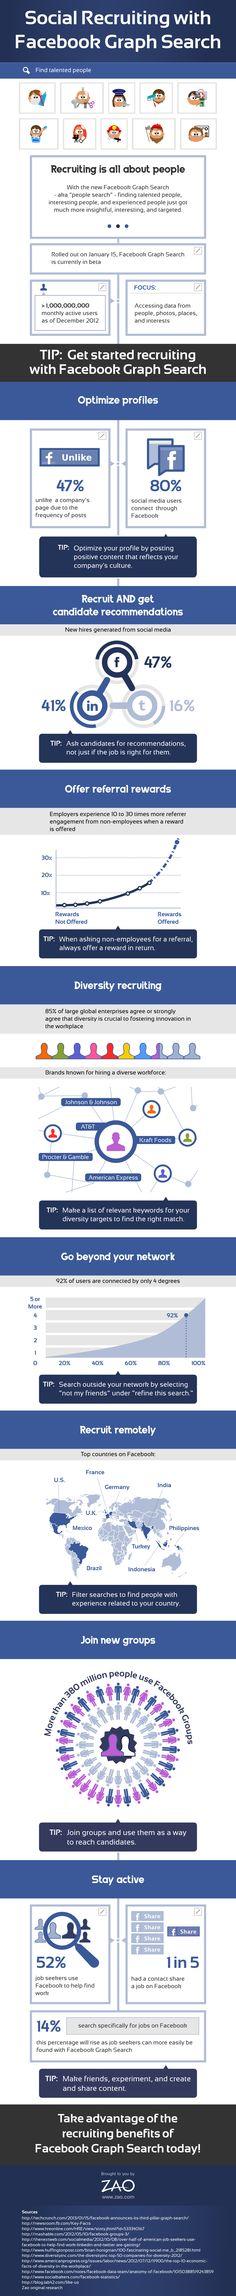 ¿Cómo utilizar #Facebook para buscar empleados? #infografía